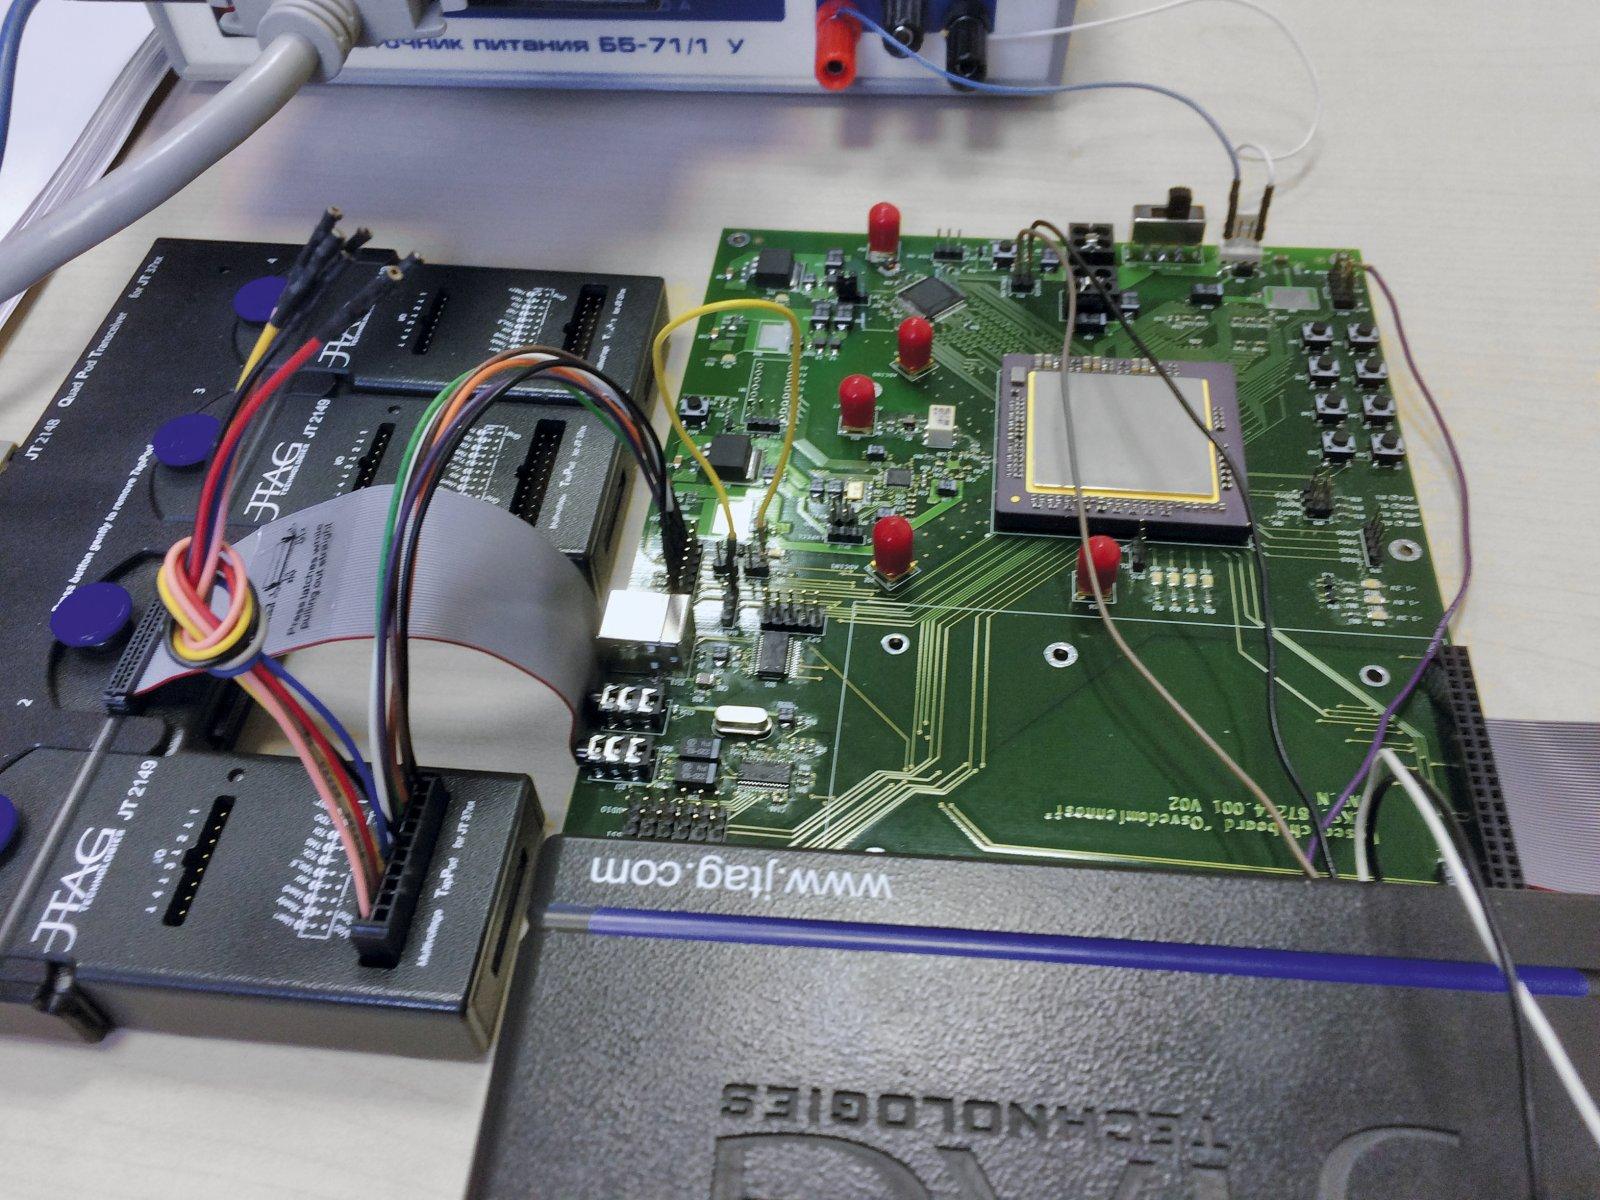 JTAG Technologies представляет видеоотчёт по работе с микросборкой «Осведомлённость»